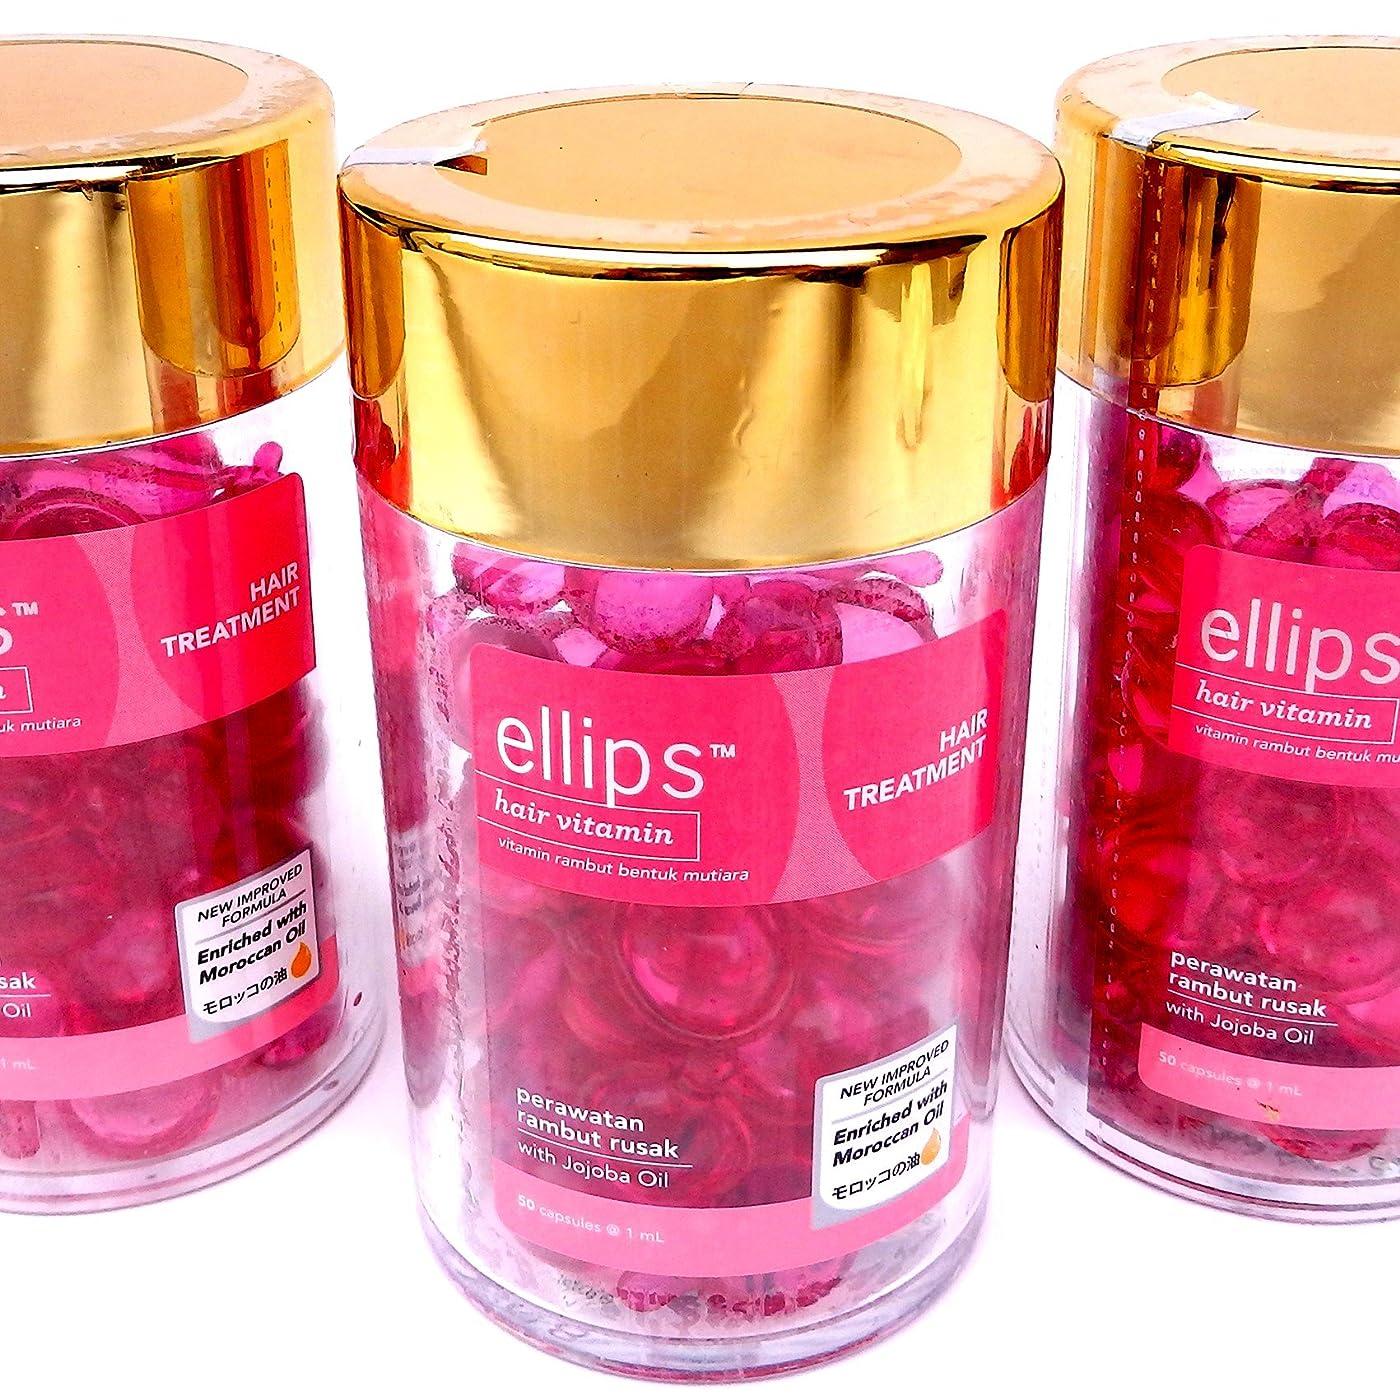 スチュワーデス哀れな一月エリプス(Ellips) ヘアビタミン ピンク ボトル(50粒入)× 3 個セット[並行輸入品]